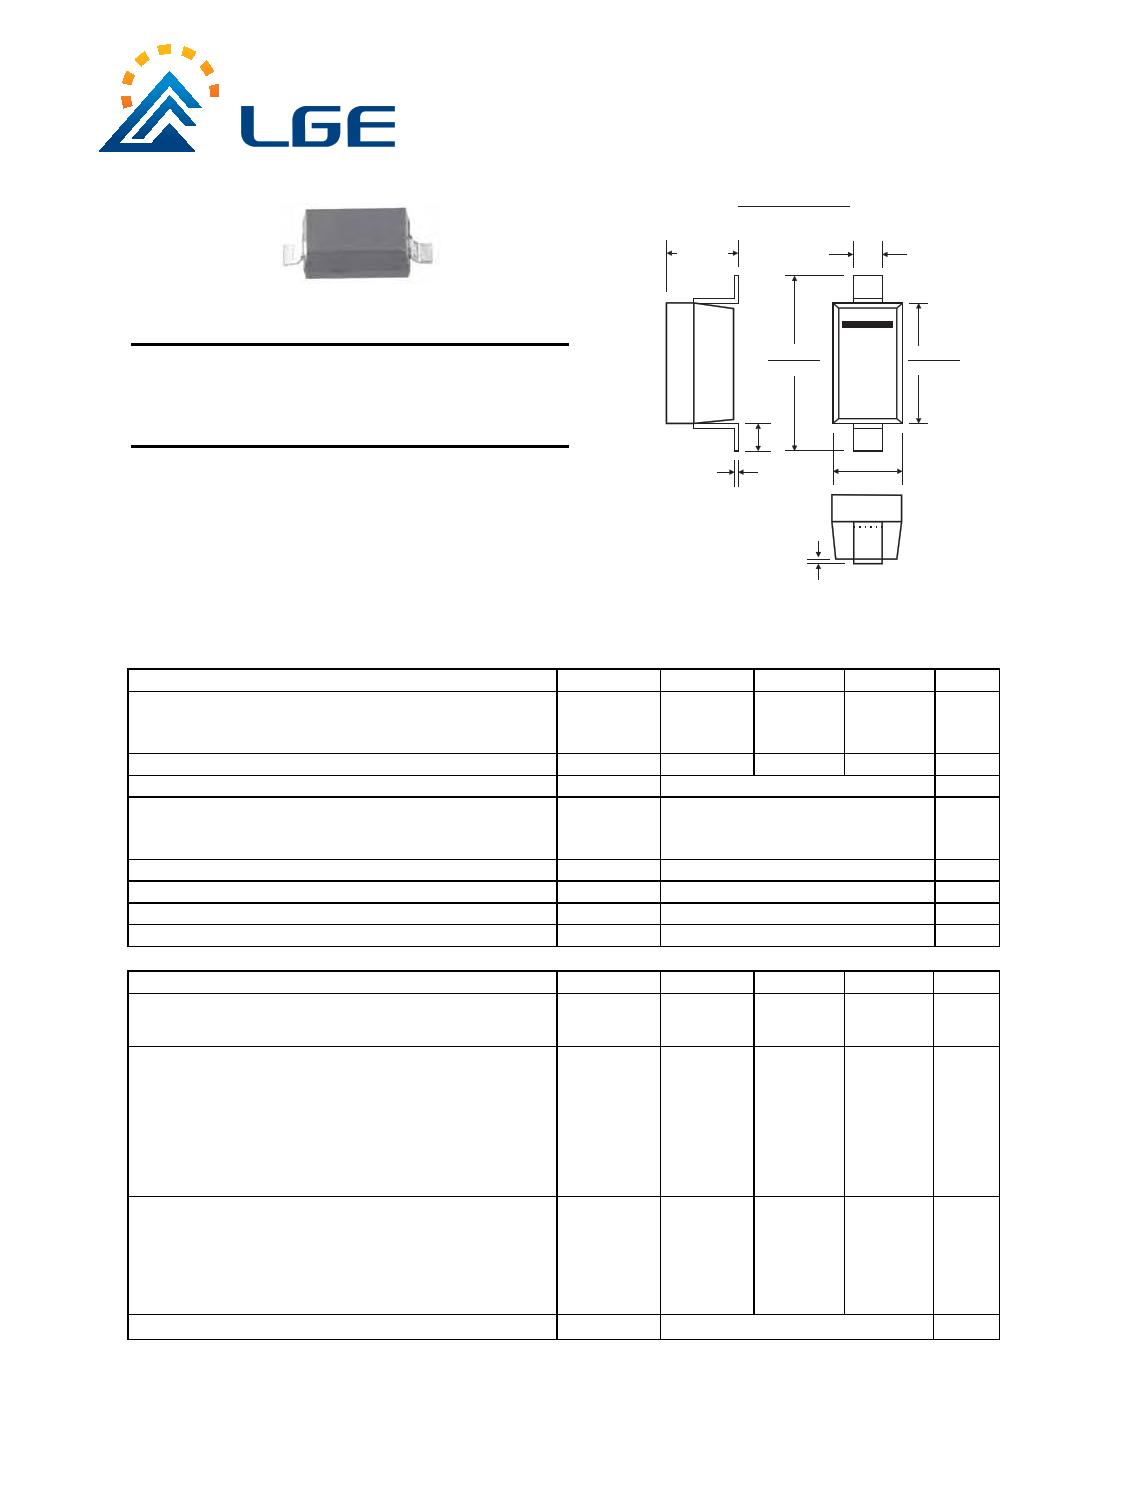 B0520LW datasheet